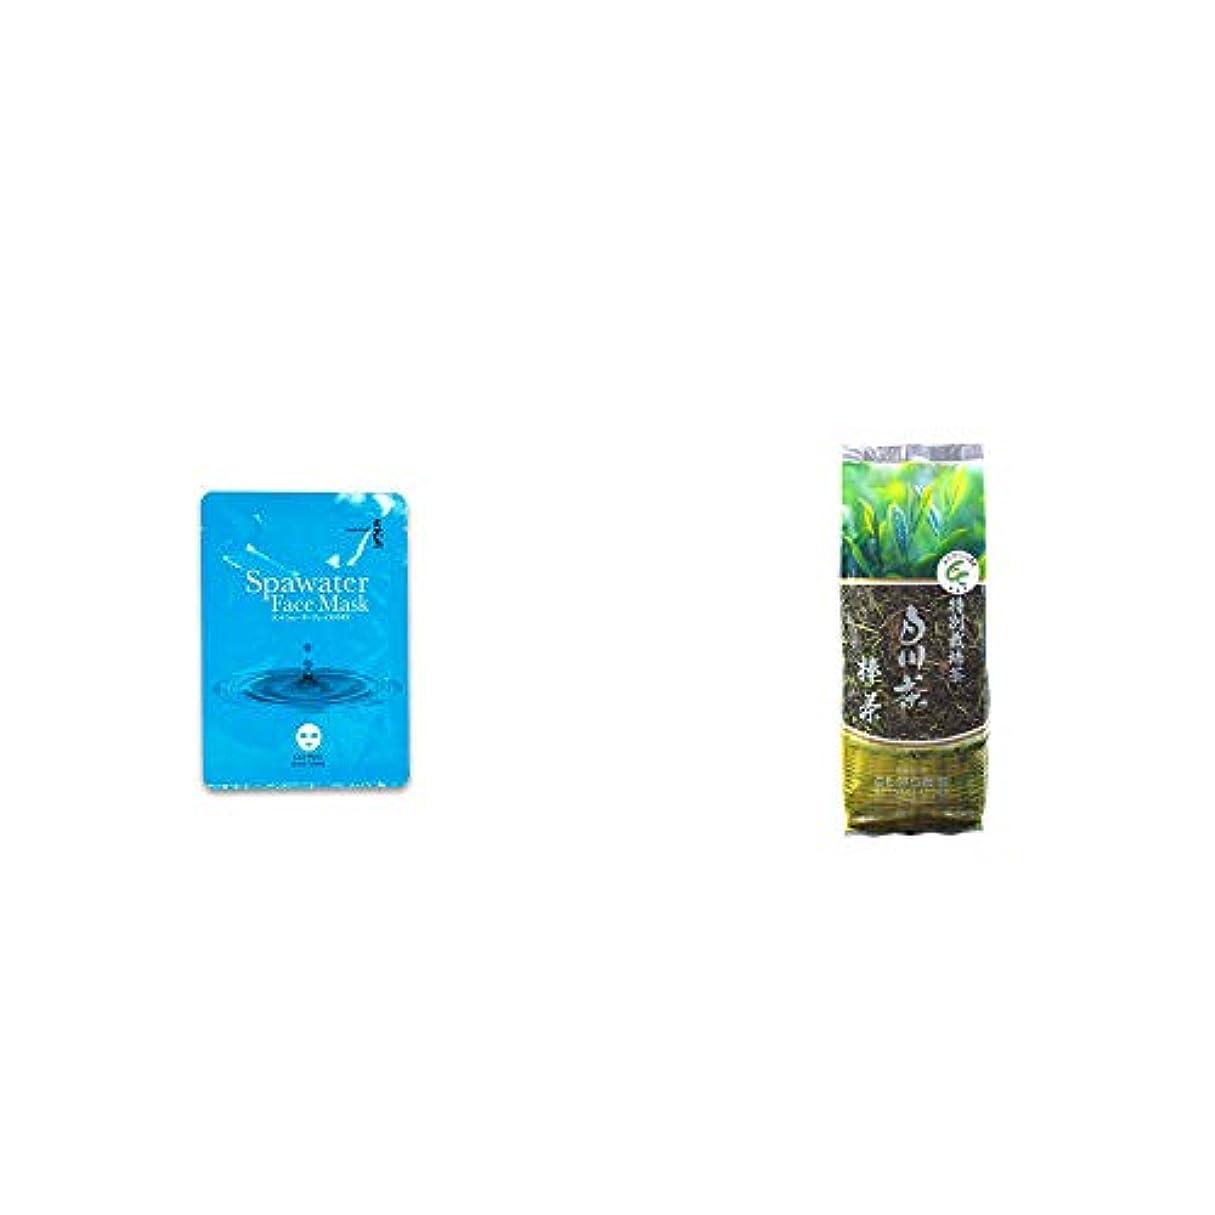 [2点セット] ひのき炭黒泉 スパウォーターフェイスマスク(18ml×3枚入)?白川茶 特別栽培茶【棒茶】(150g)